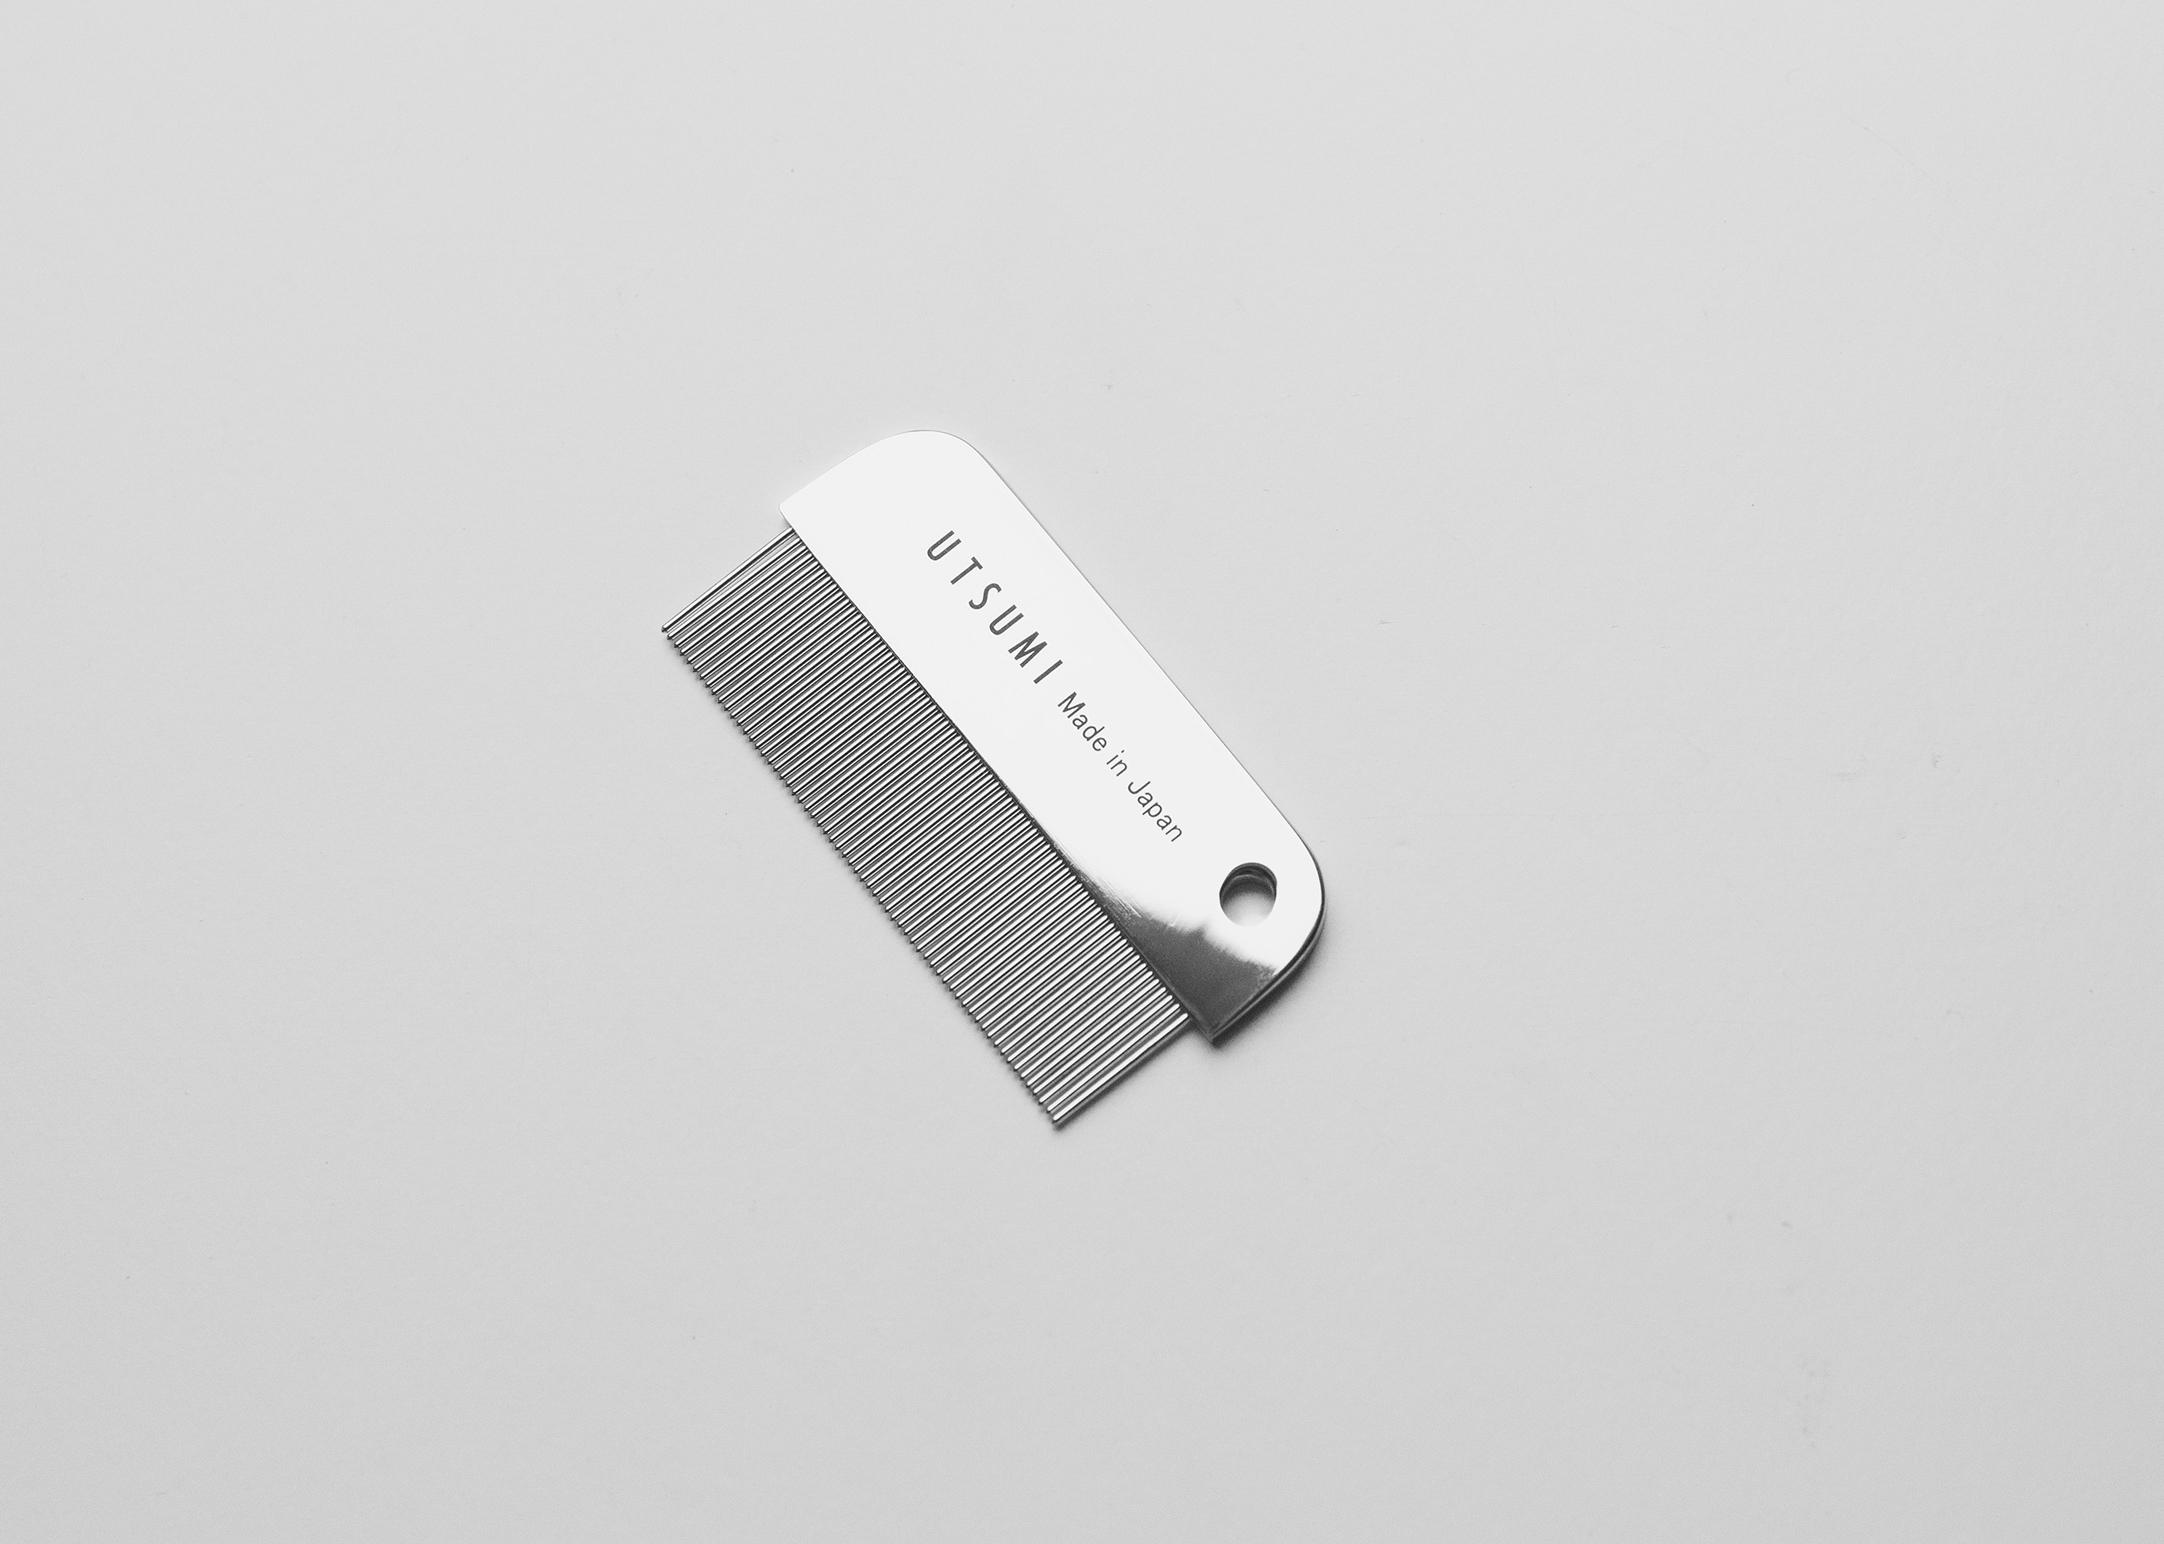 Utsumi Face Comb 6.7 cm